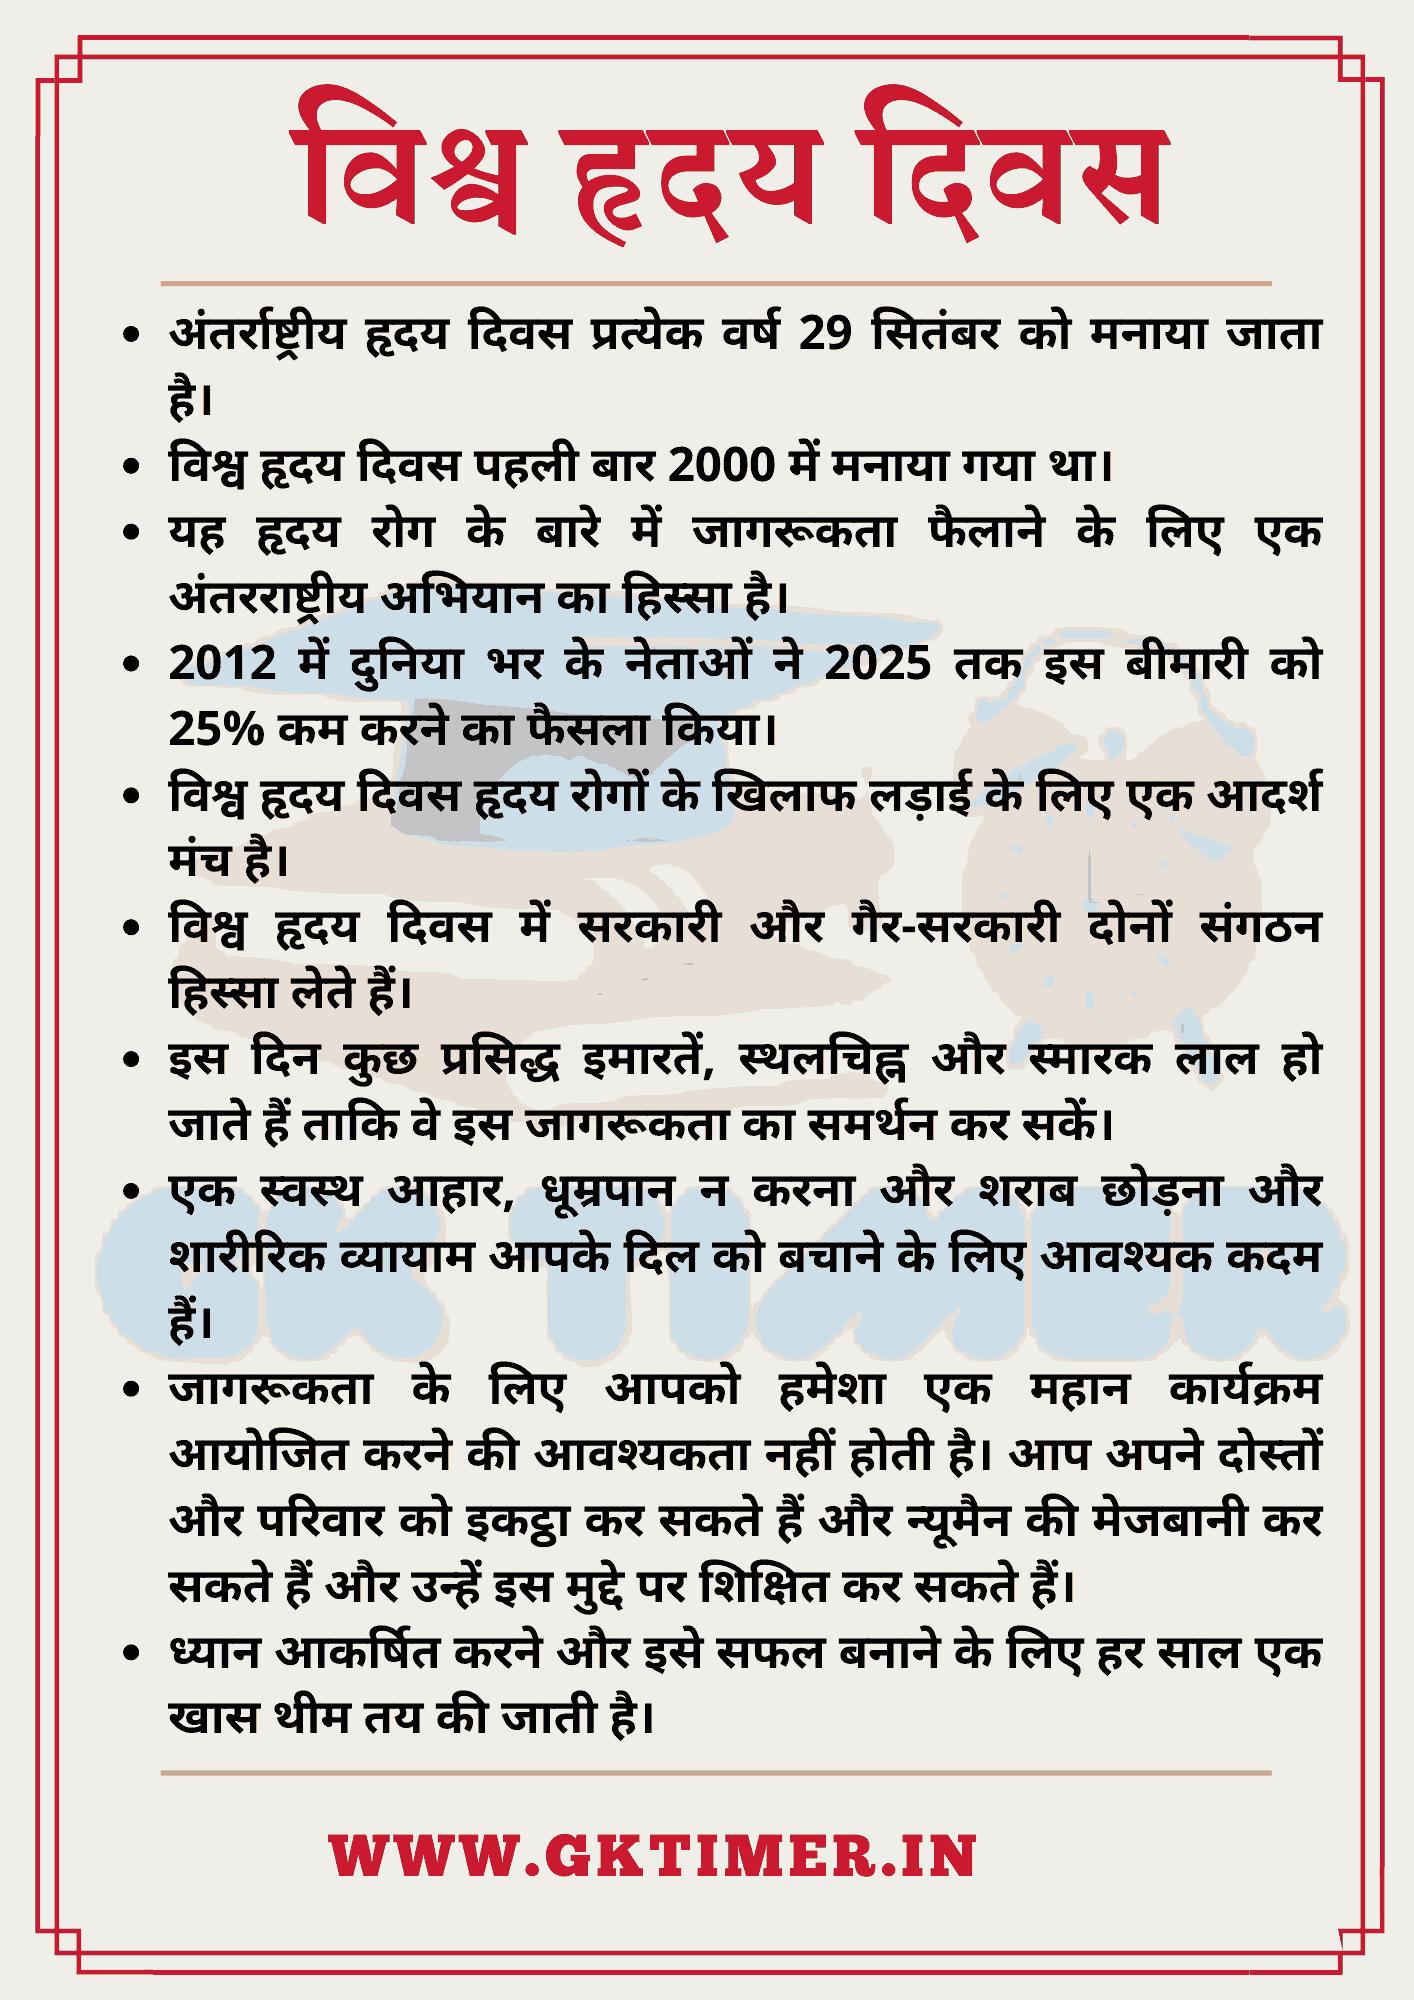 विश्व हृदय दिवस पर निबंध | Essay on Heart in Hindi | 10 Lines on Heart in Hindi